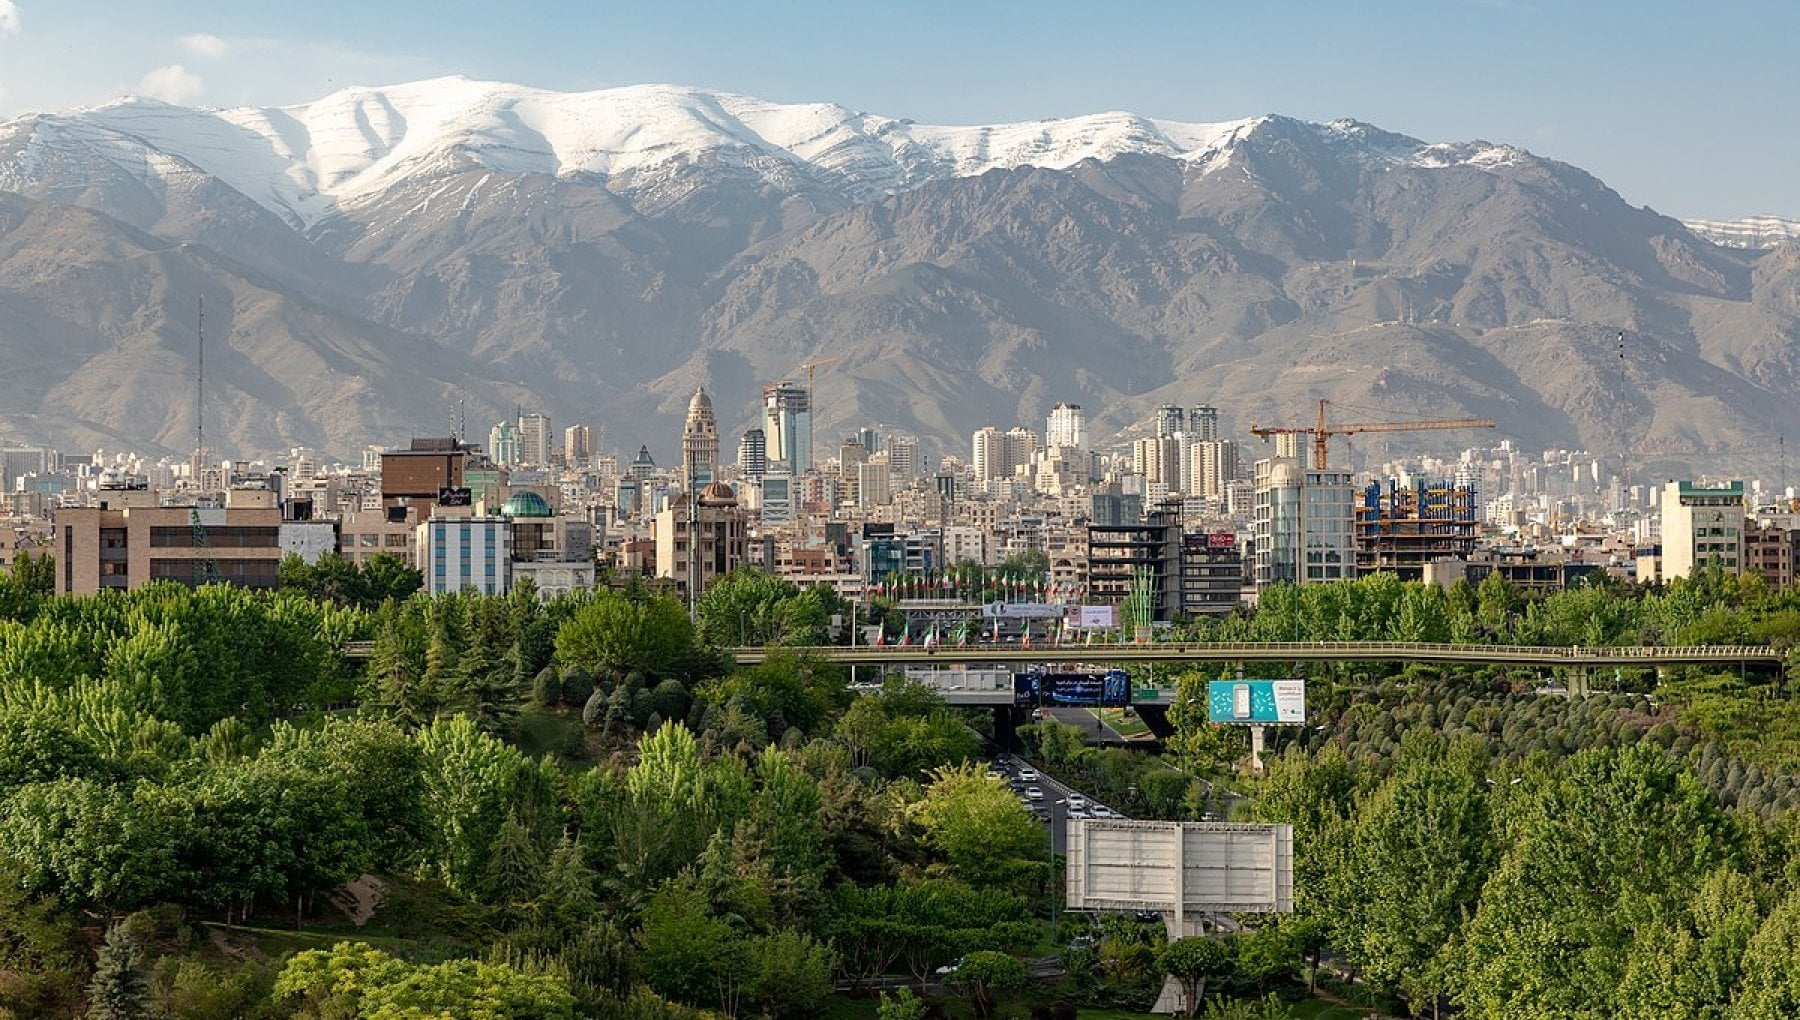 """151353577 5e9d60c9 357f 45d0 9a47 c089504e6df8 - Iran, udita un'esplosione a Teheran. """"Niente danni né vittime"""". Voci e smentite su un attacco informatico alle ferrovie"""